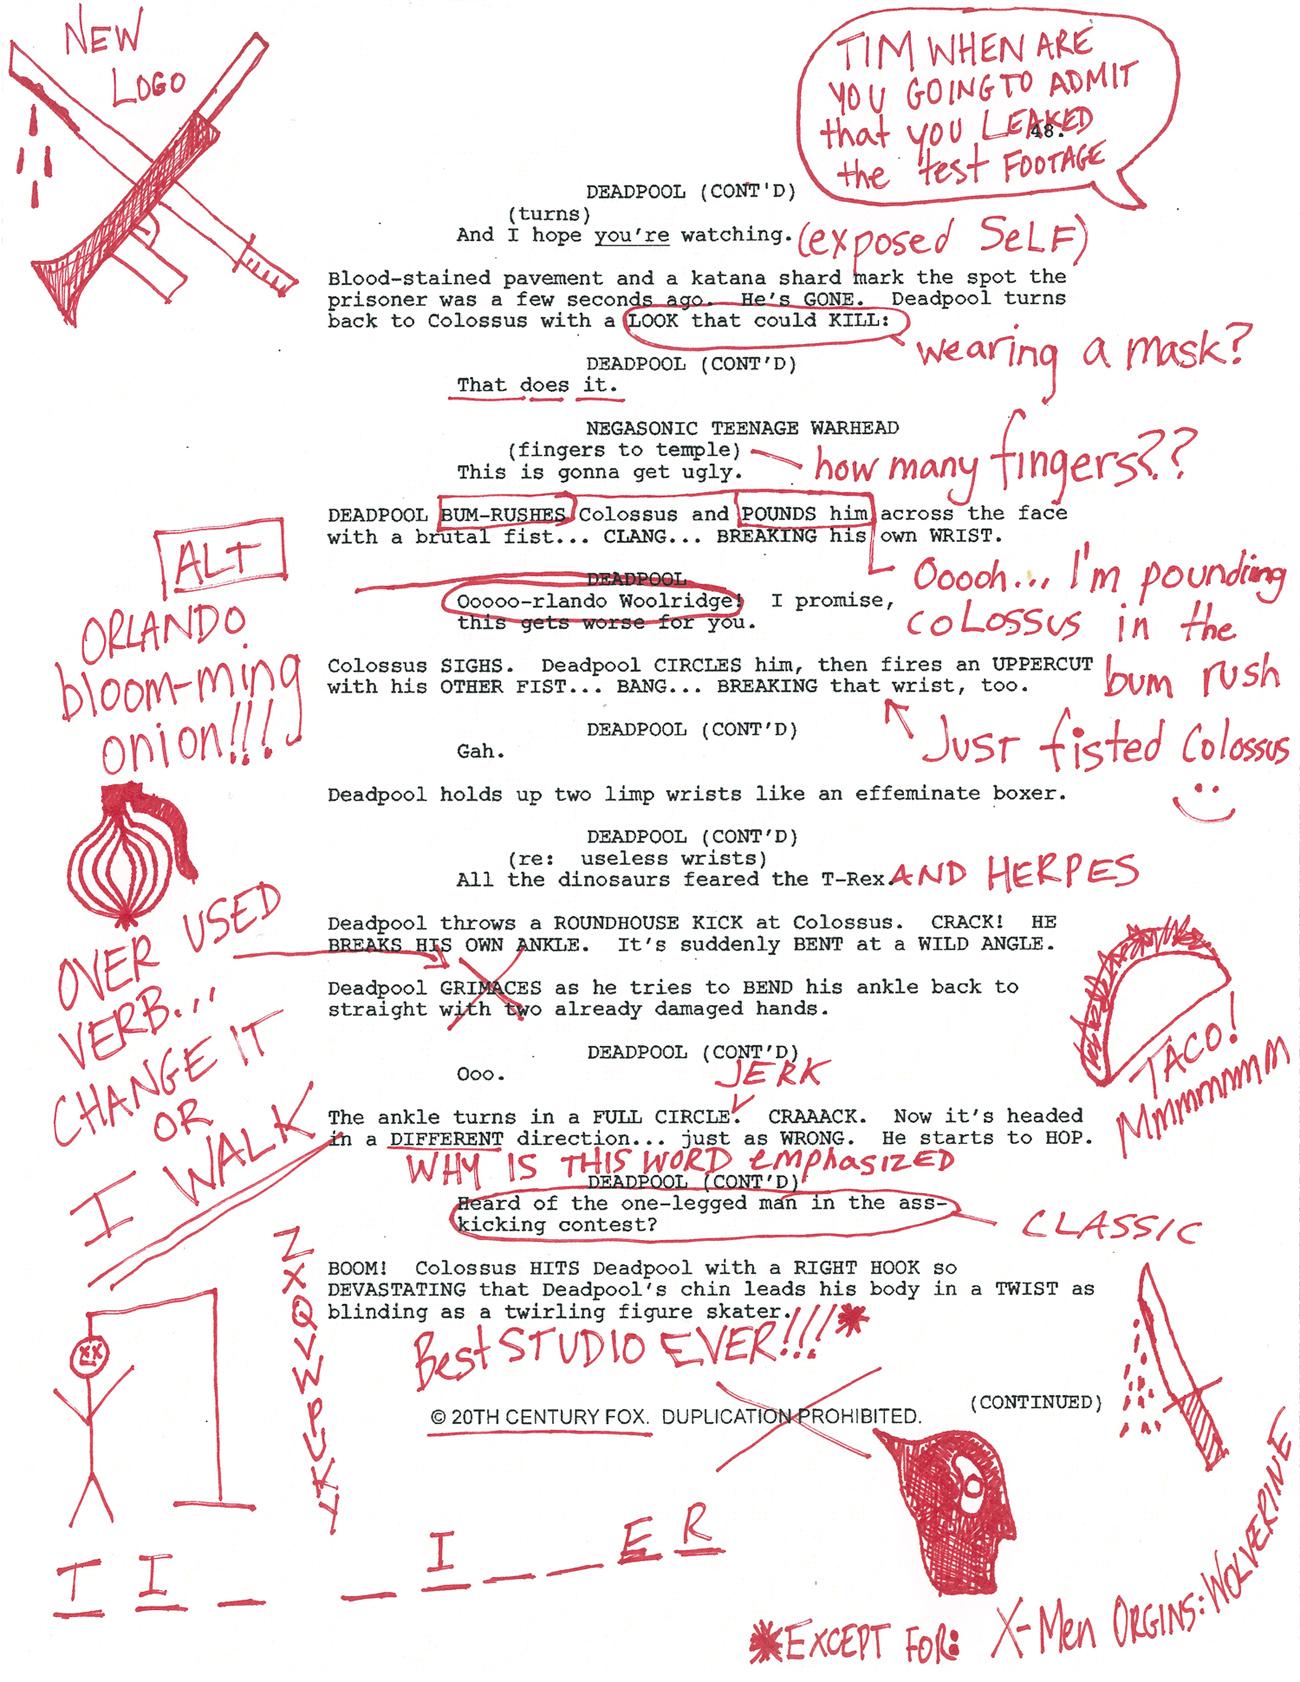 Deadpool's Script Notes